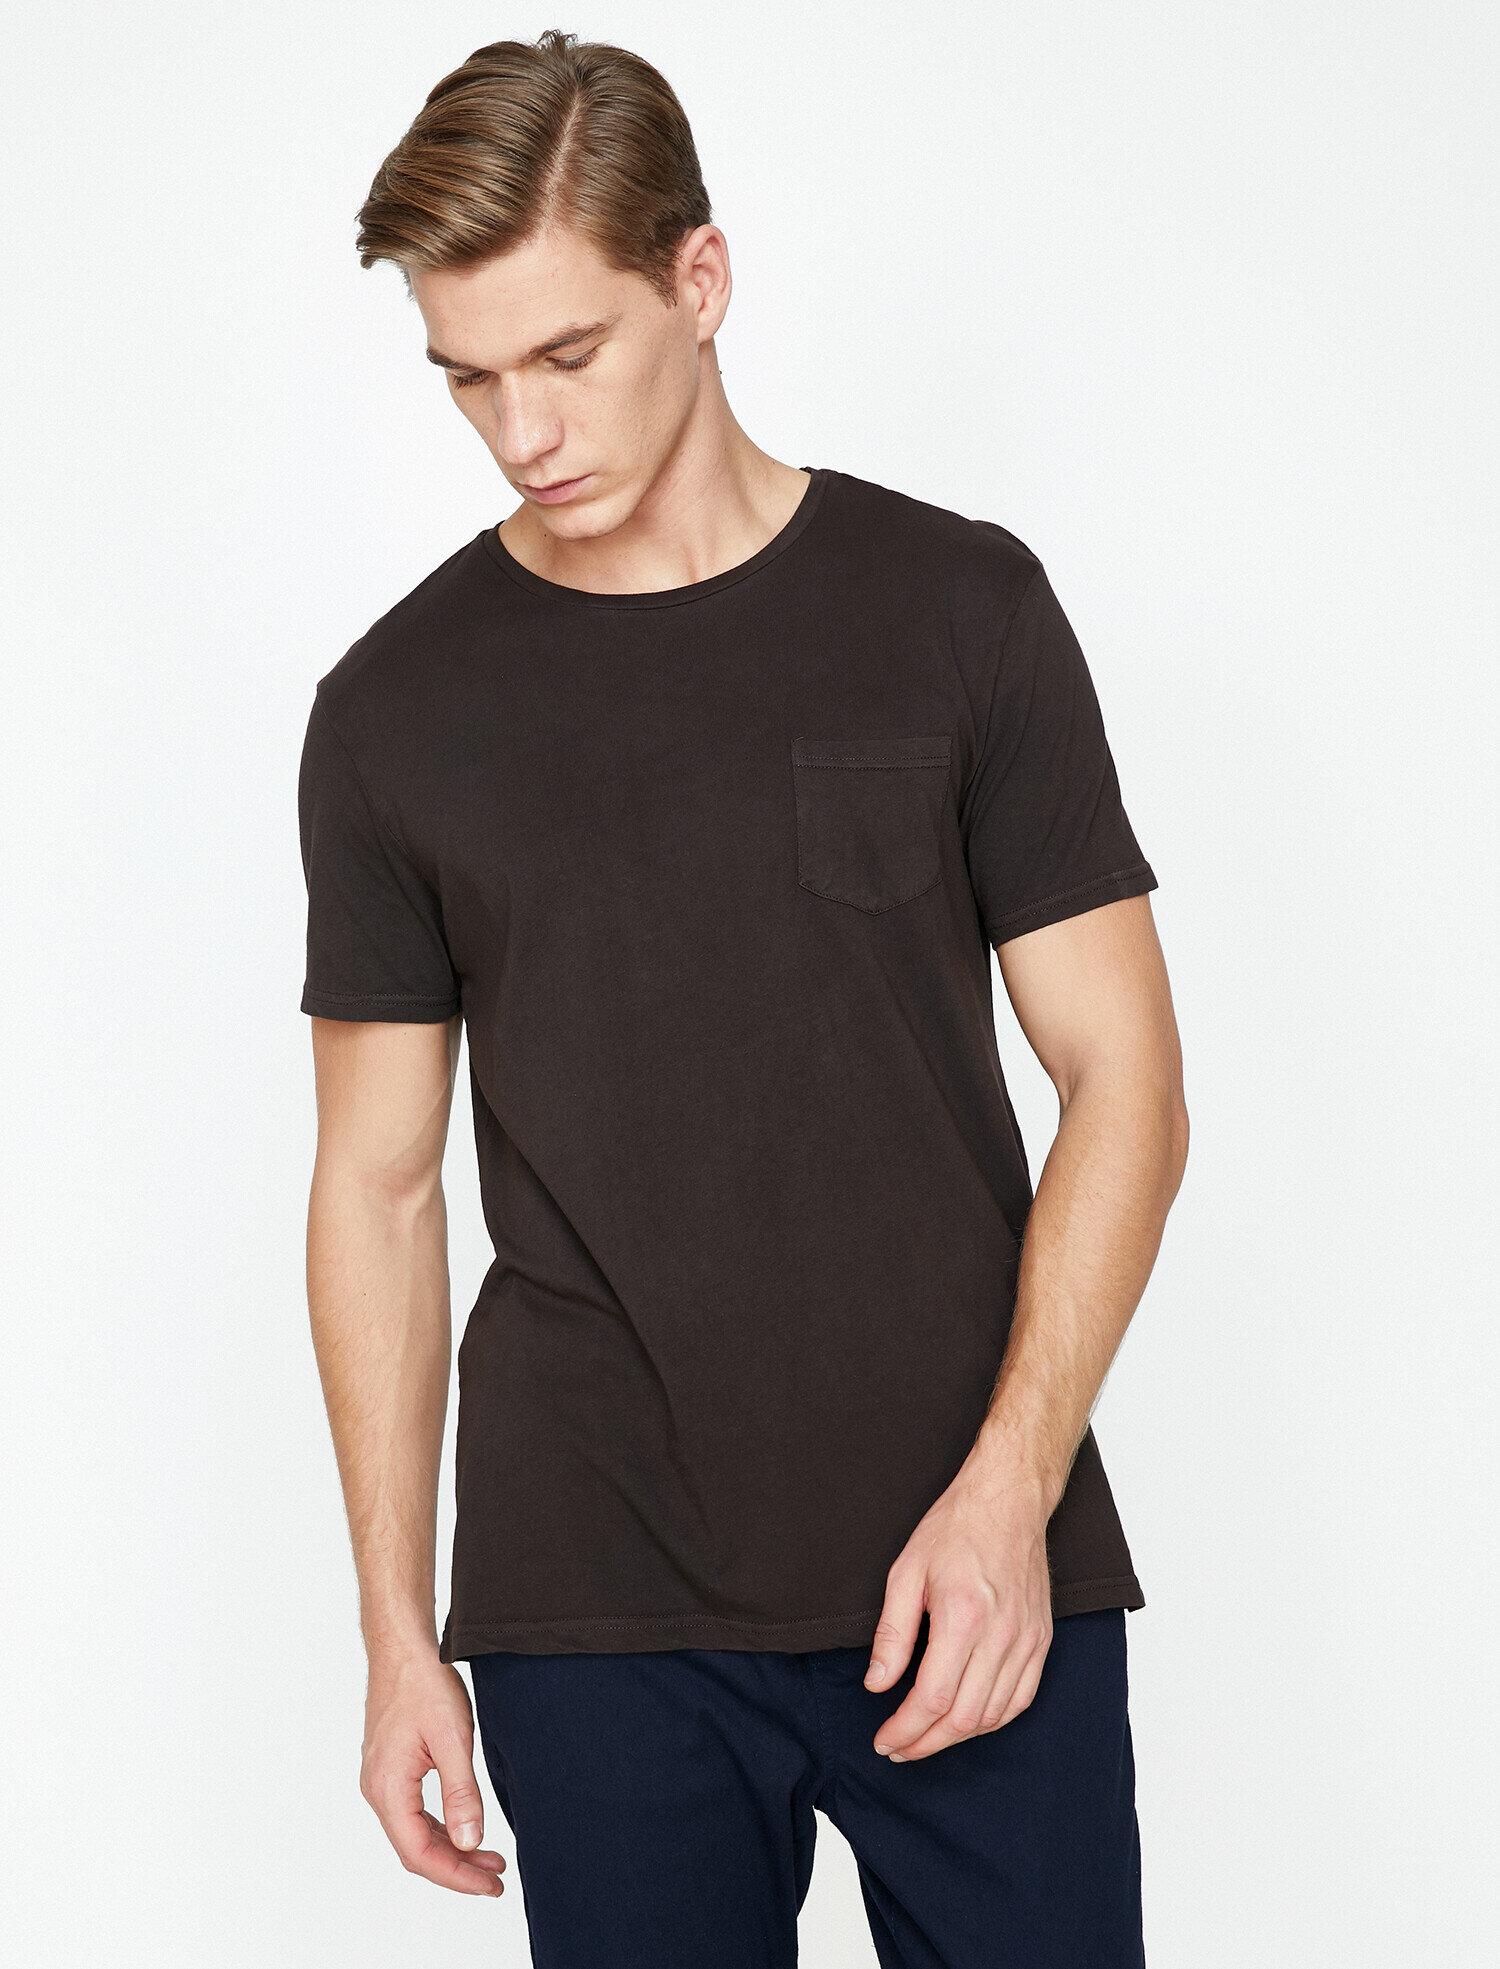 Koton Erkek Cep Detayli T-Shirt Mor Ürün Resmi